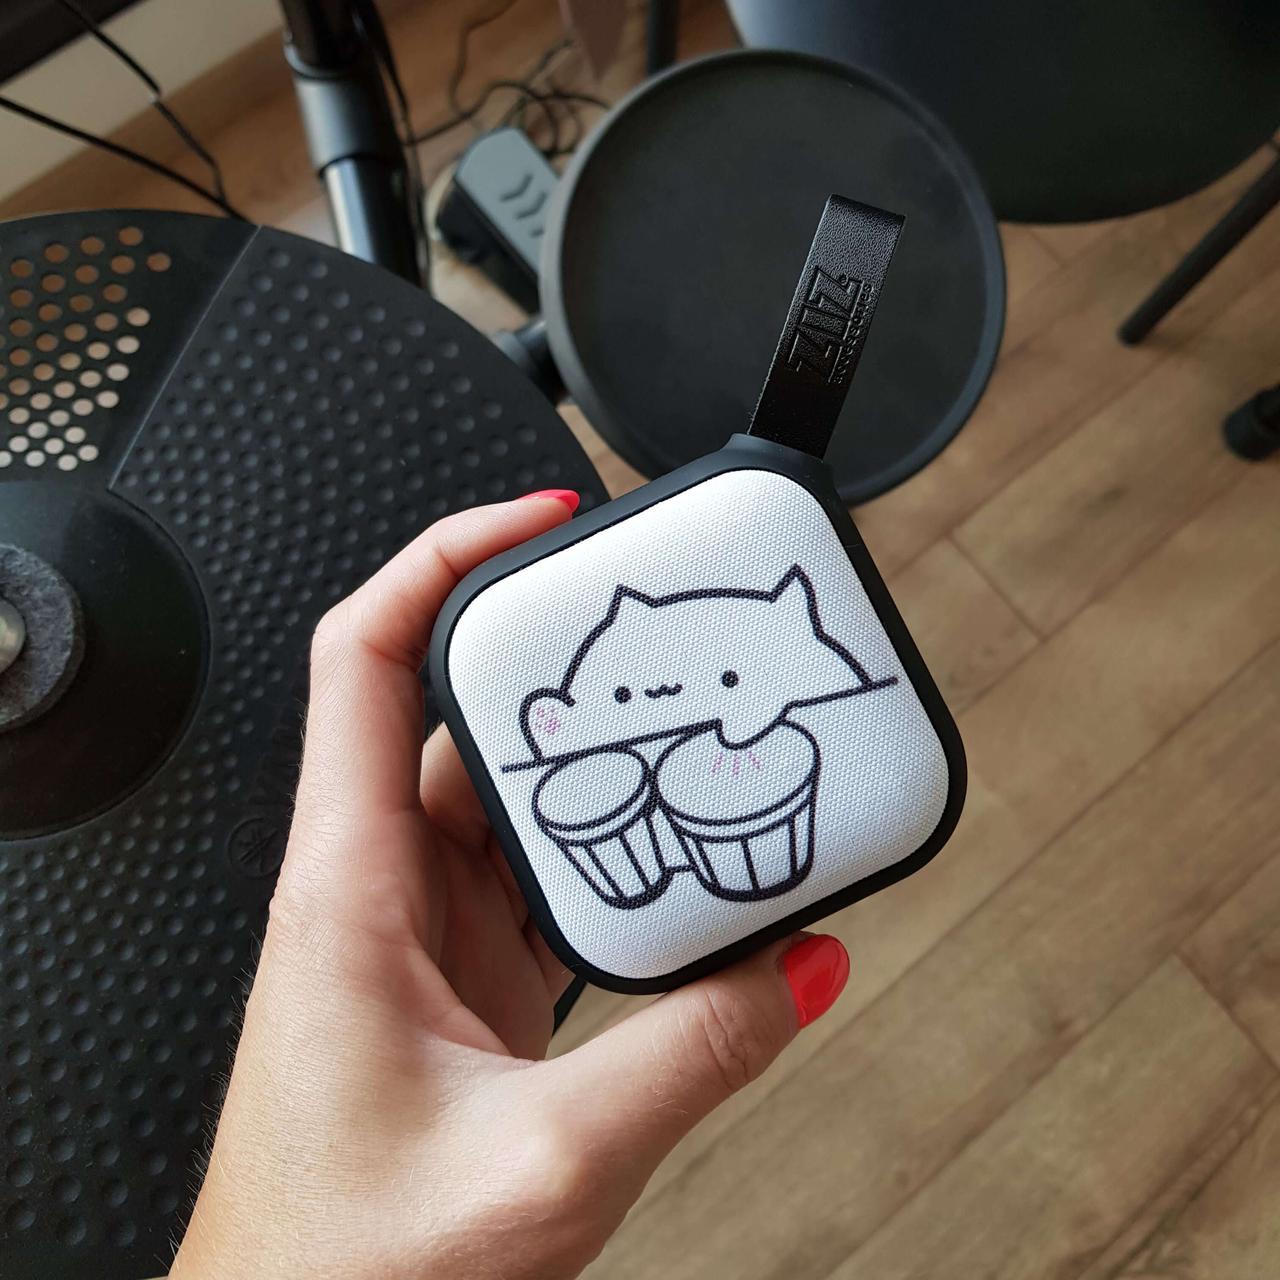 Портативная Bluetooth колонка ZIZ Бонго кот, переносная блютуз колонка, беспроводная блютус акустика